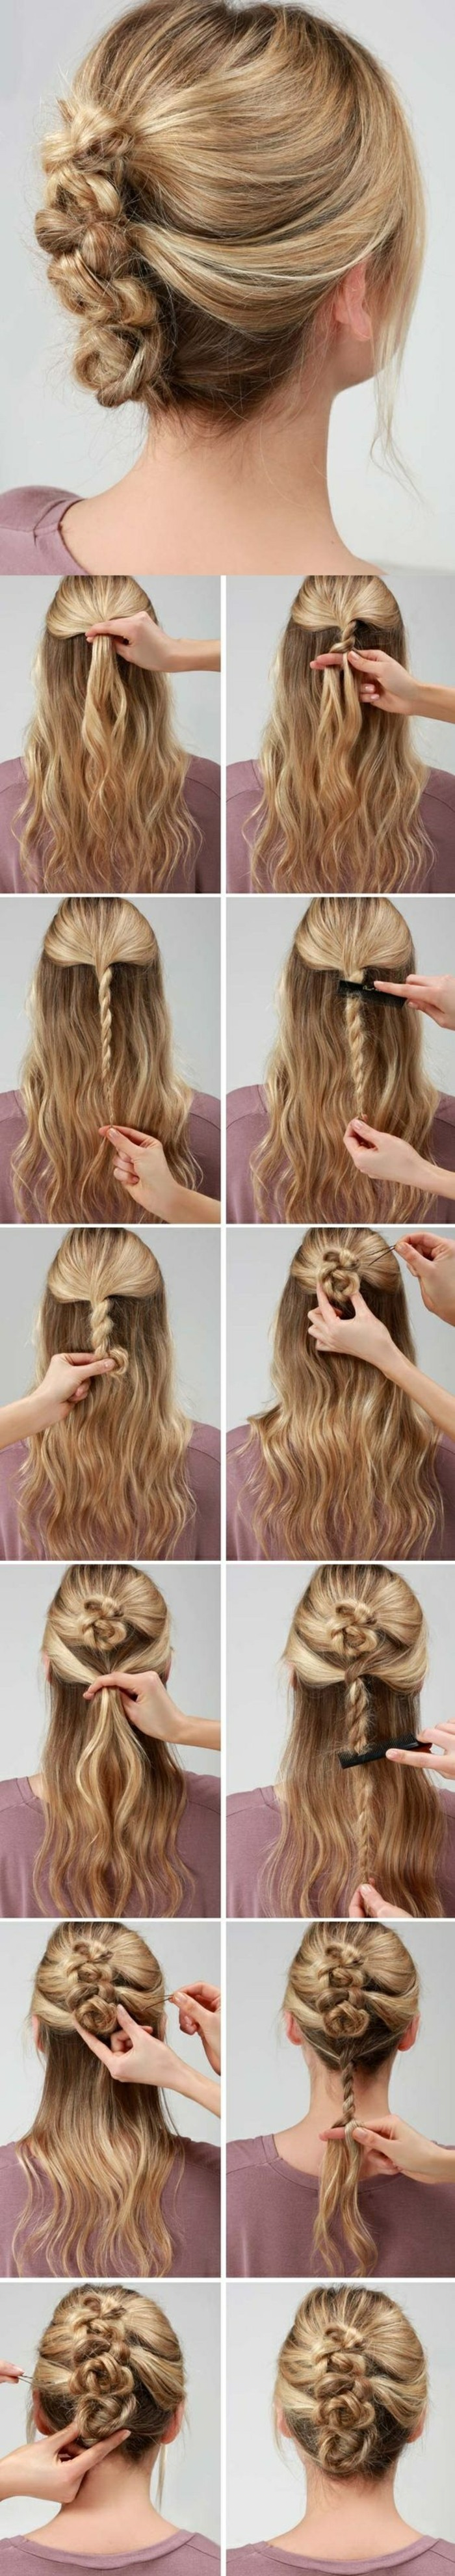 festliche-frisuren-zopf-binden-lange-lockige-haare-lila-bluse-diy-frau-hochsteck